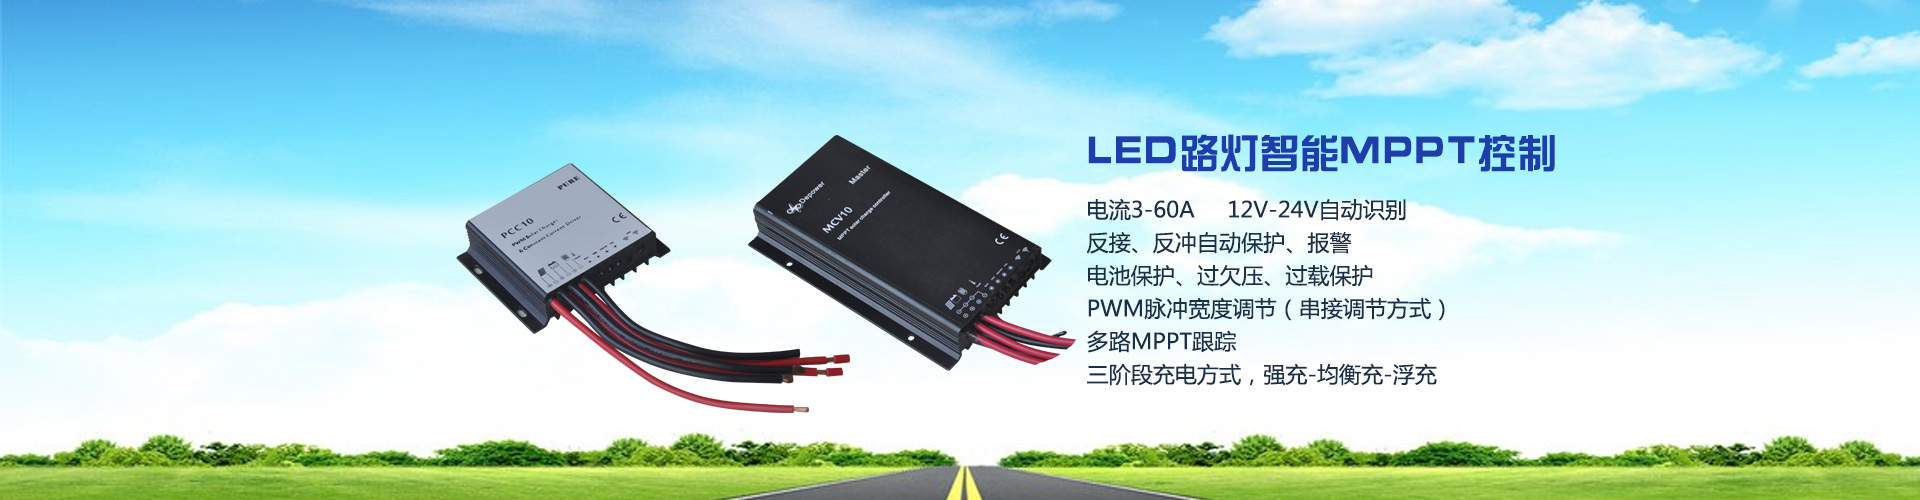 LED路灯智能MPPT控制器